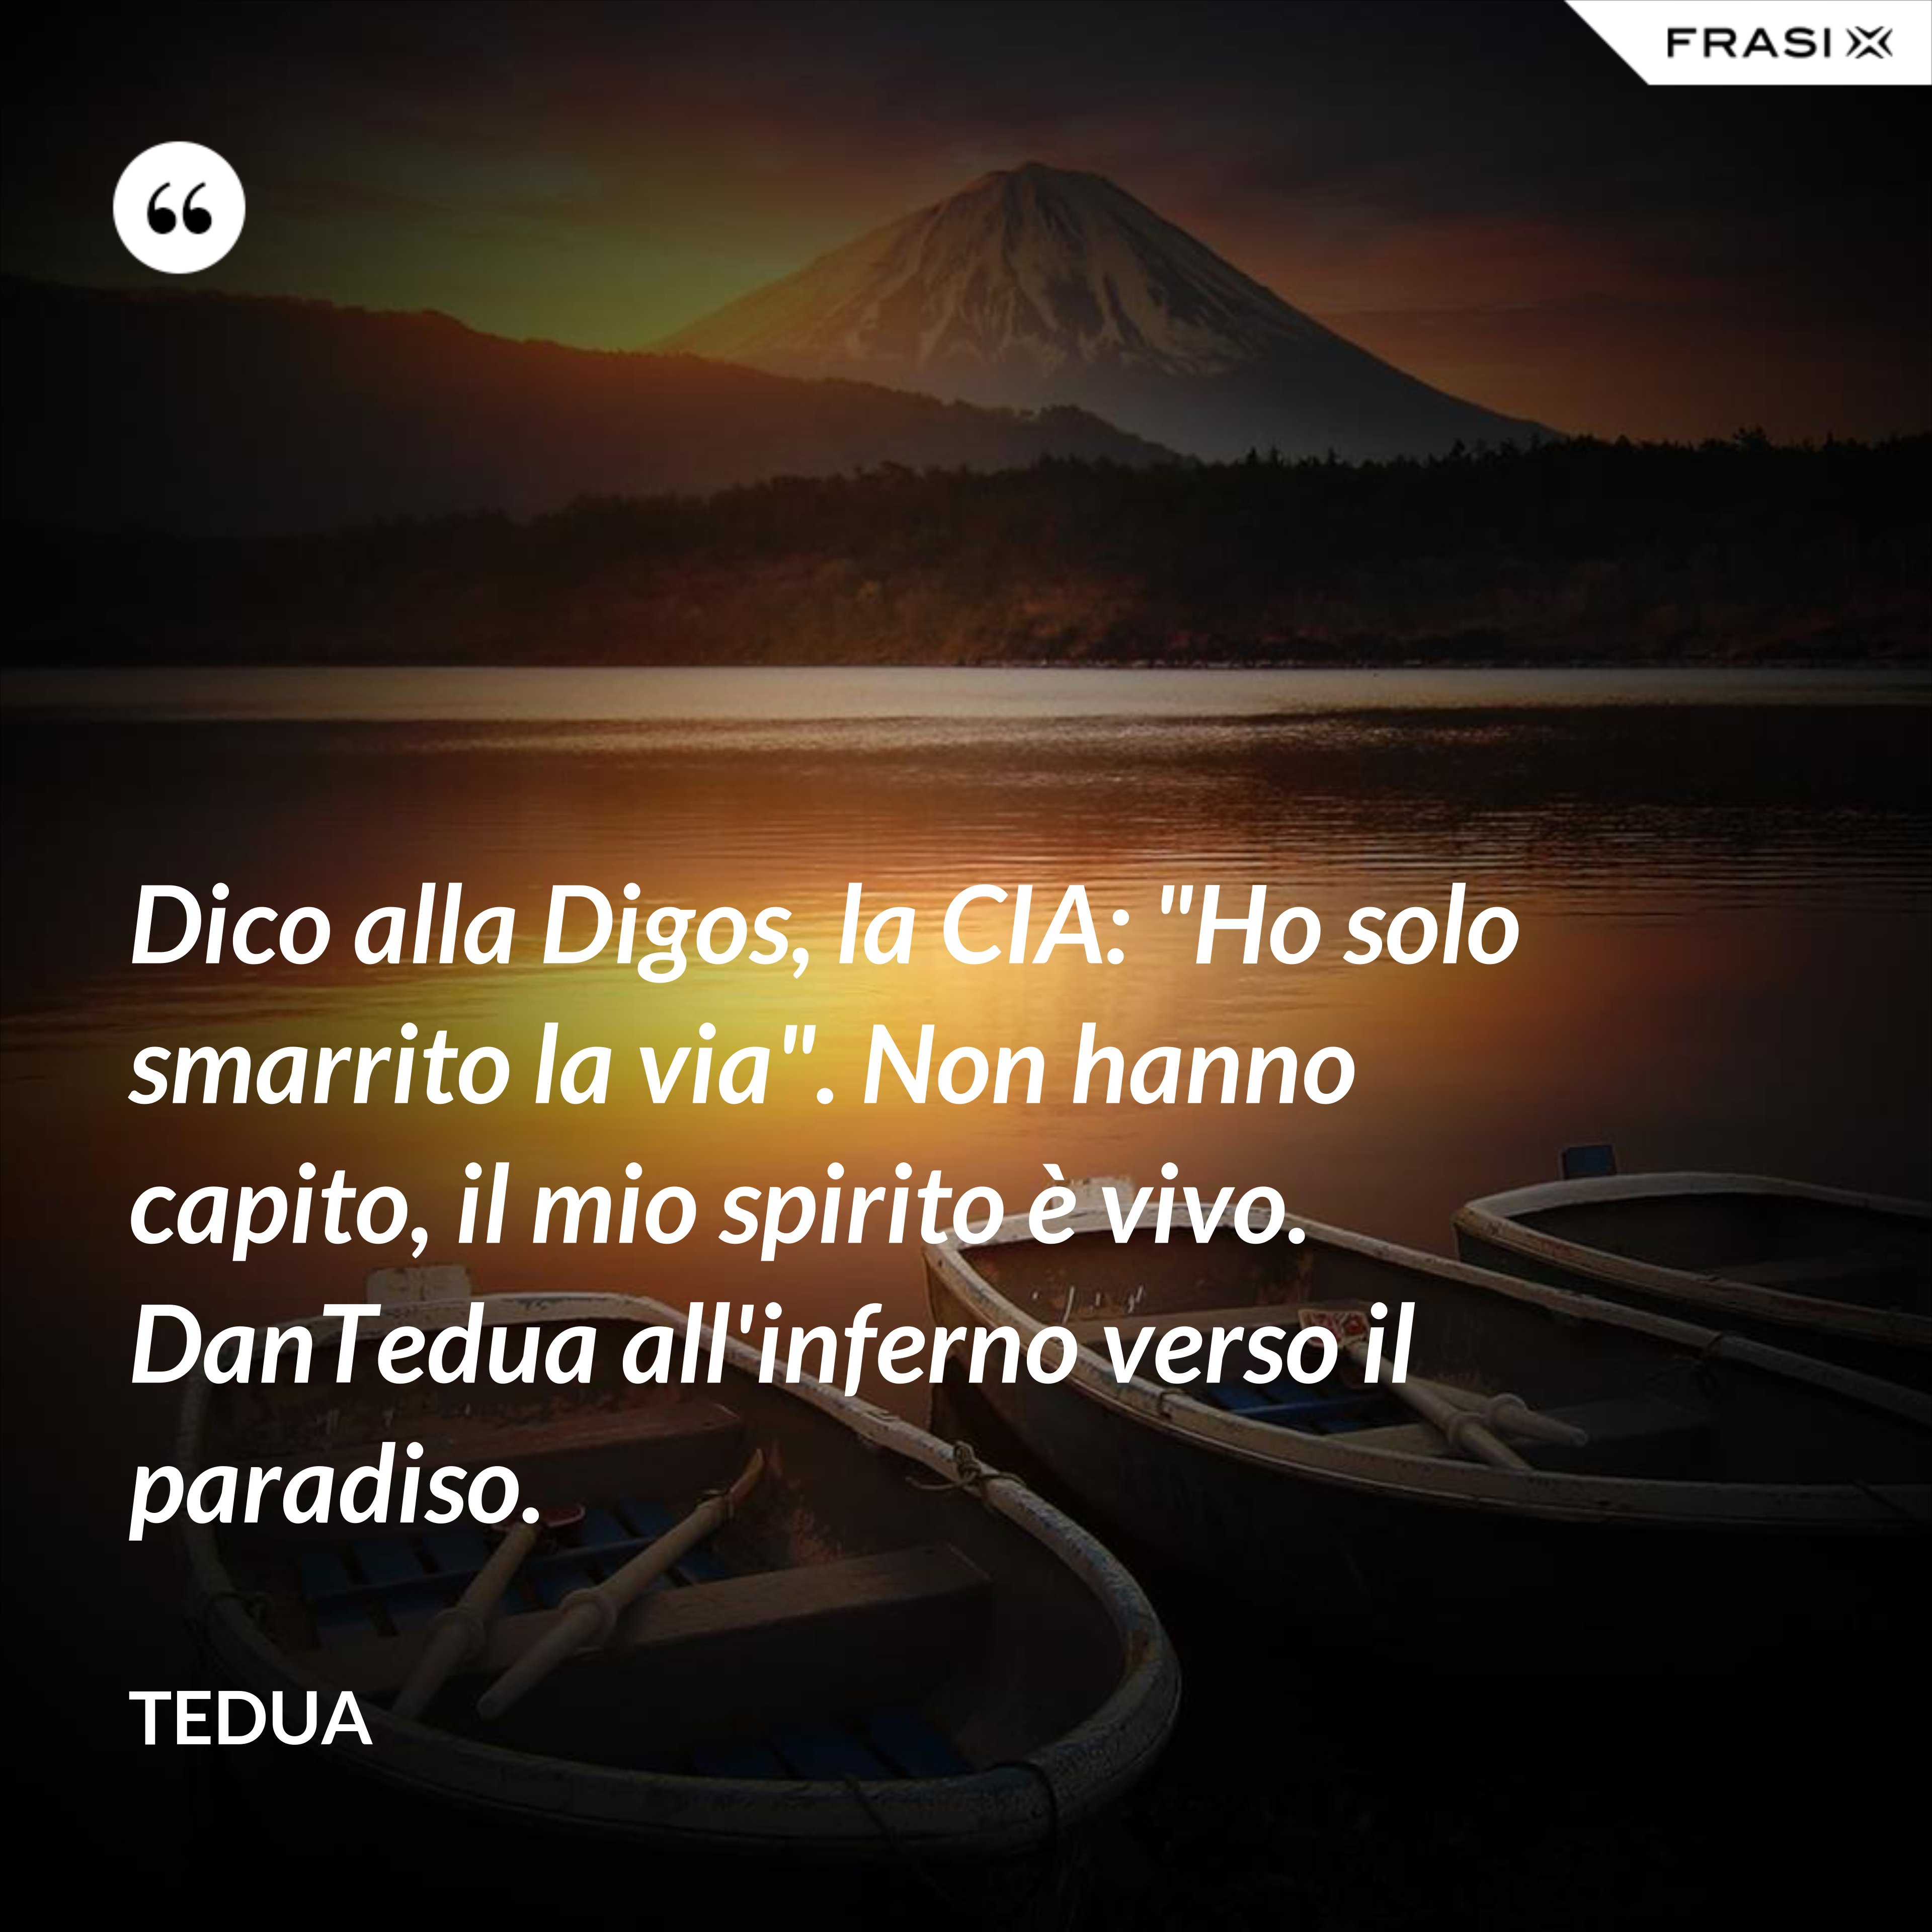 """Dico alla Digos, la CIA: """"Ho solo smarrito la via"""". Non hanno capito, il mio spirito è vivo. DanTedua all'inferno verso il paradiso. - Tedua"""